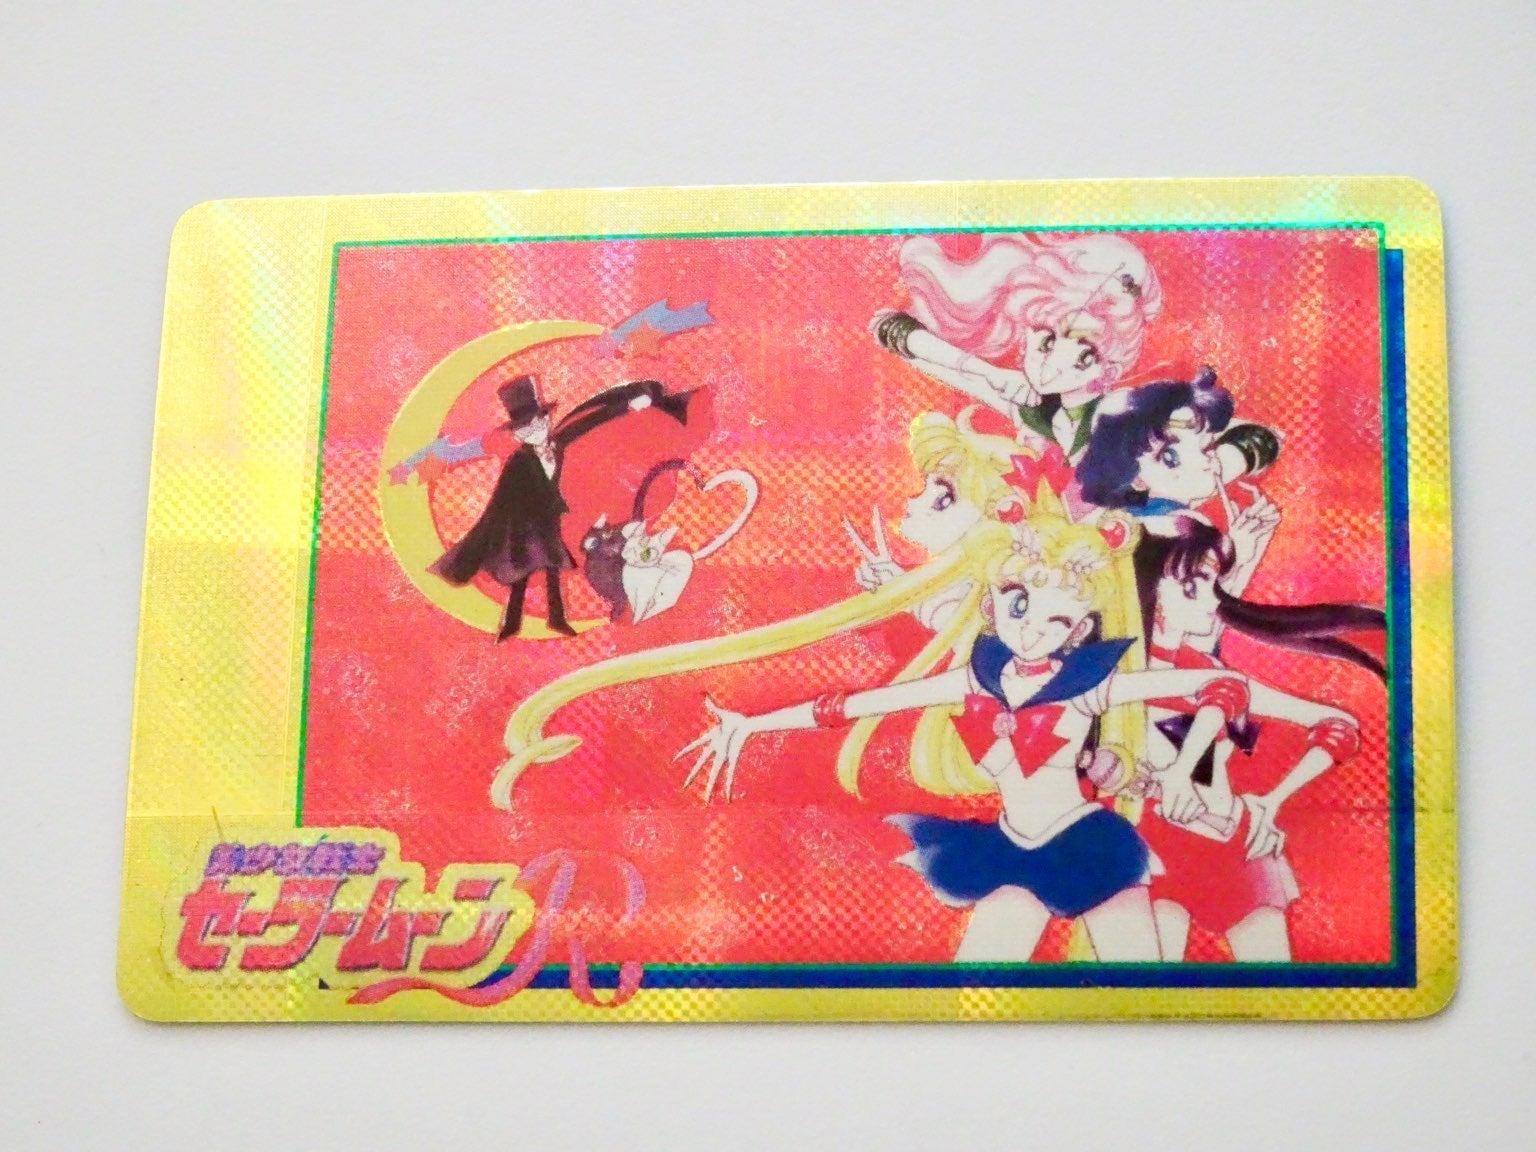 Vintage Sailor Moon R Manga Art Sticker